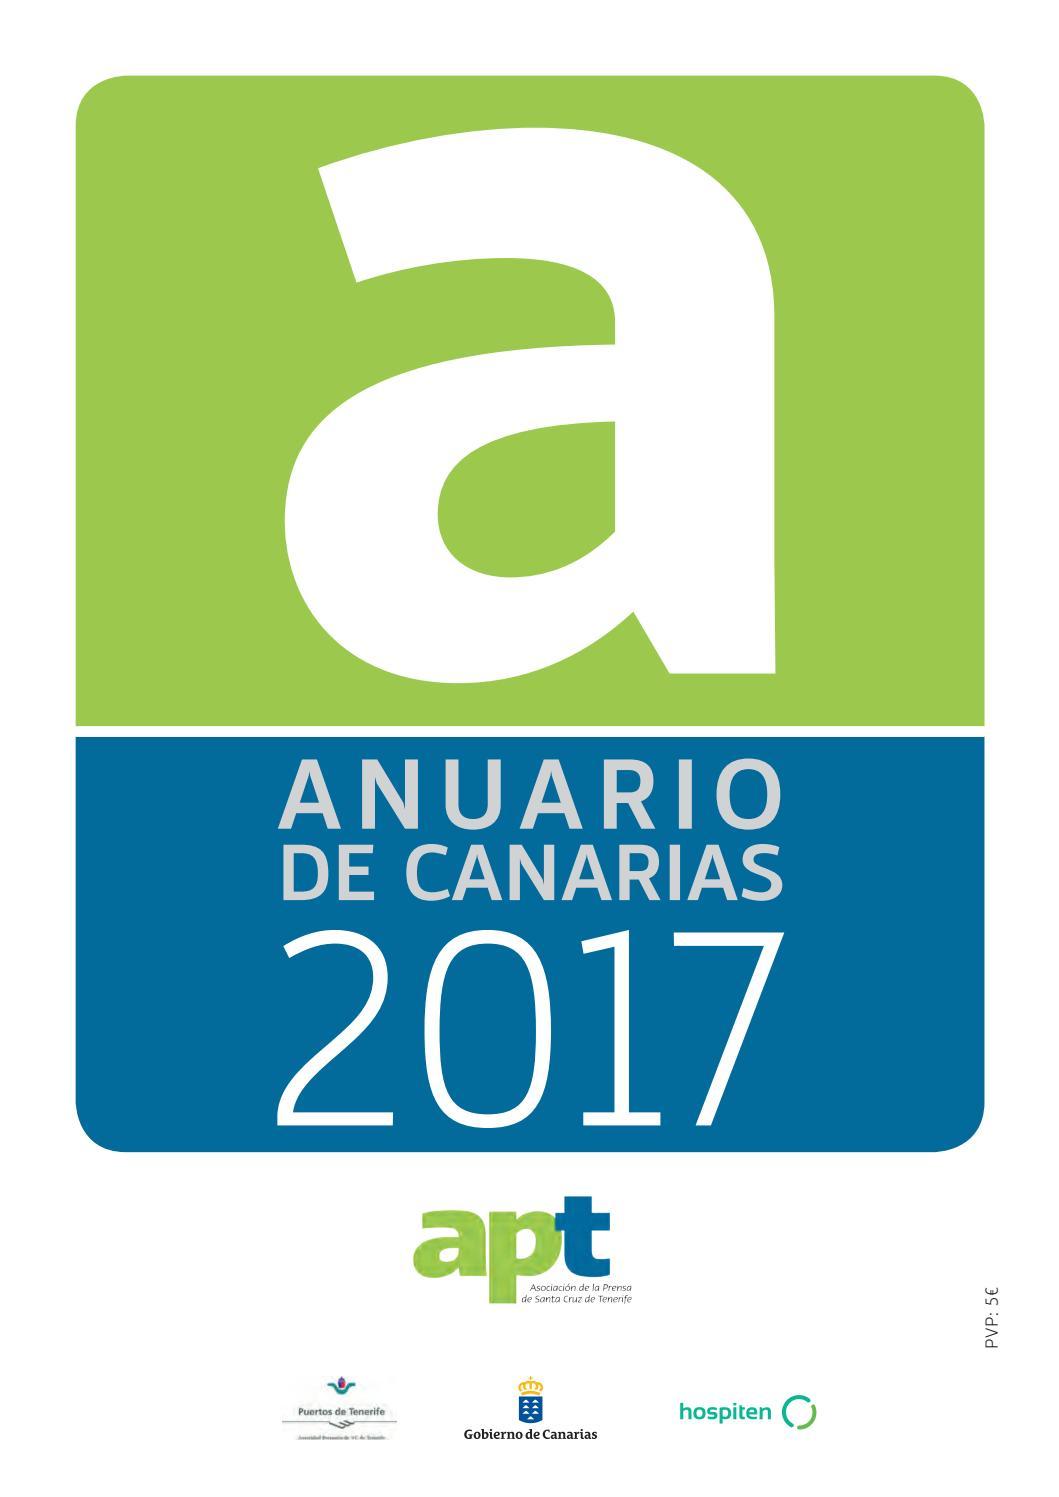 2e09f706a9 Anuario de Canarias 2017 by Asociación de la Prensa de Santa Cruz de  Tenerife - issuu